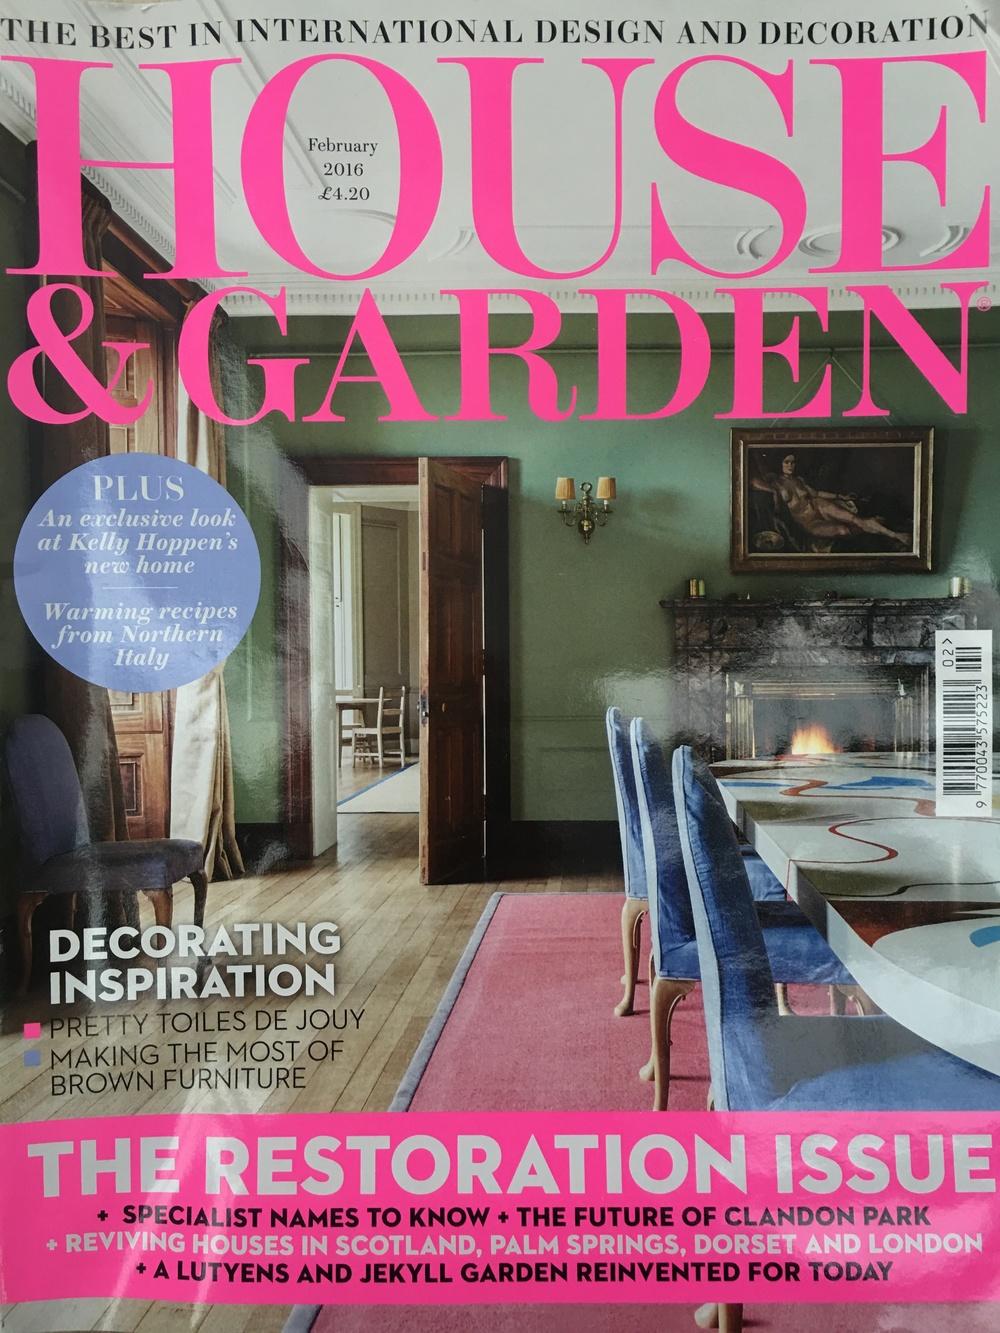 House & Garden February 2016